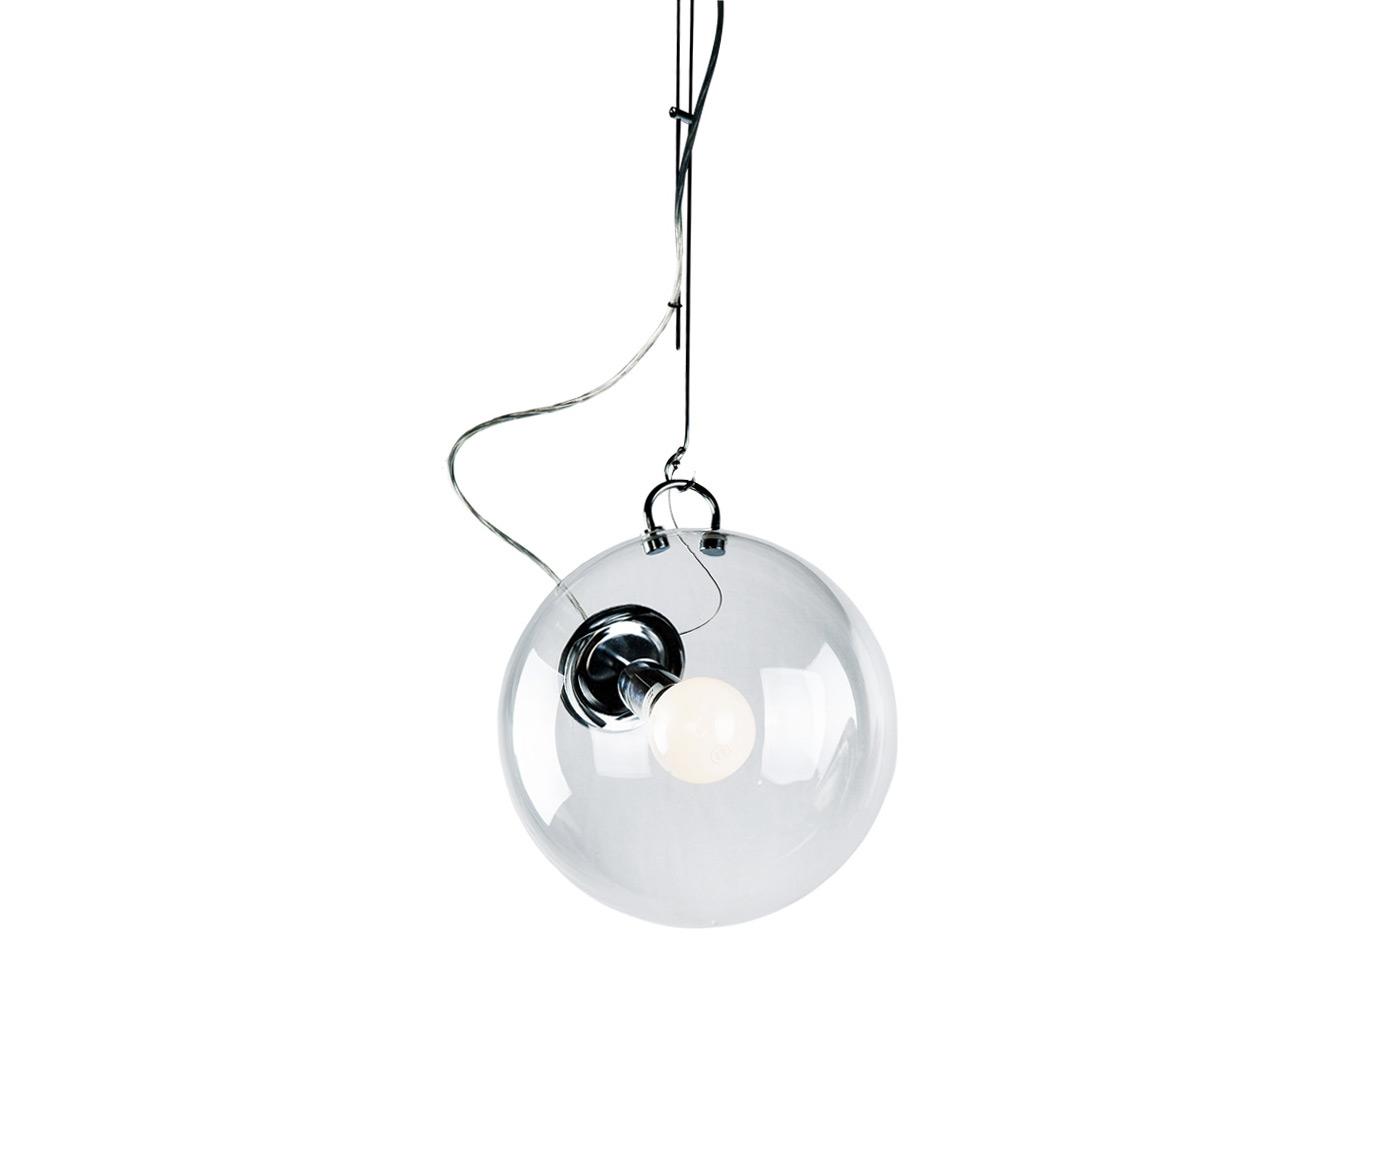 СветильникПодвесные светильники<br>Вид цоколя: E27&amp;lt;div&amp;gt;Мощность лампы: 60W&amp;lt;/div&amp;gt;&amp;lt;div&amp;gt;Количество ламп: 1&amp;lt;/div&amp;gt;<br><br>Material: Стекло<br>Height см: 105<br>Diameter см: 30